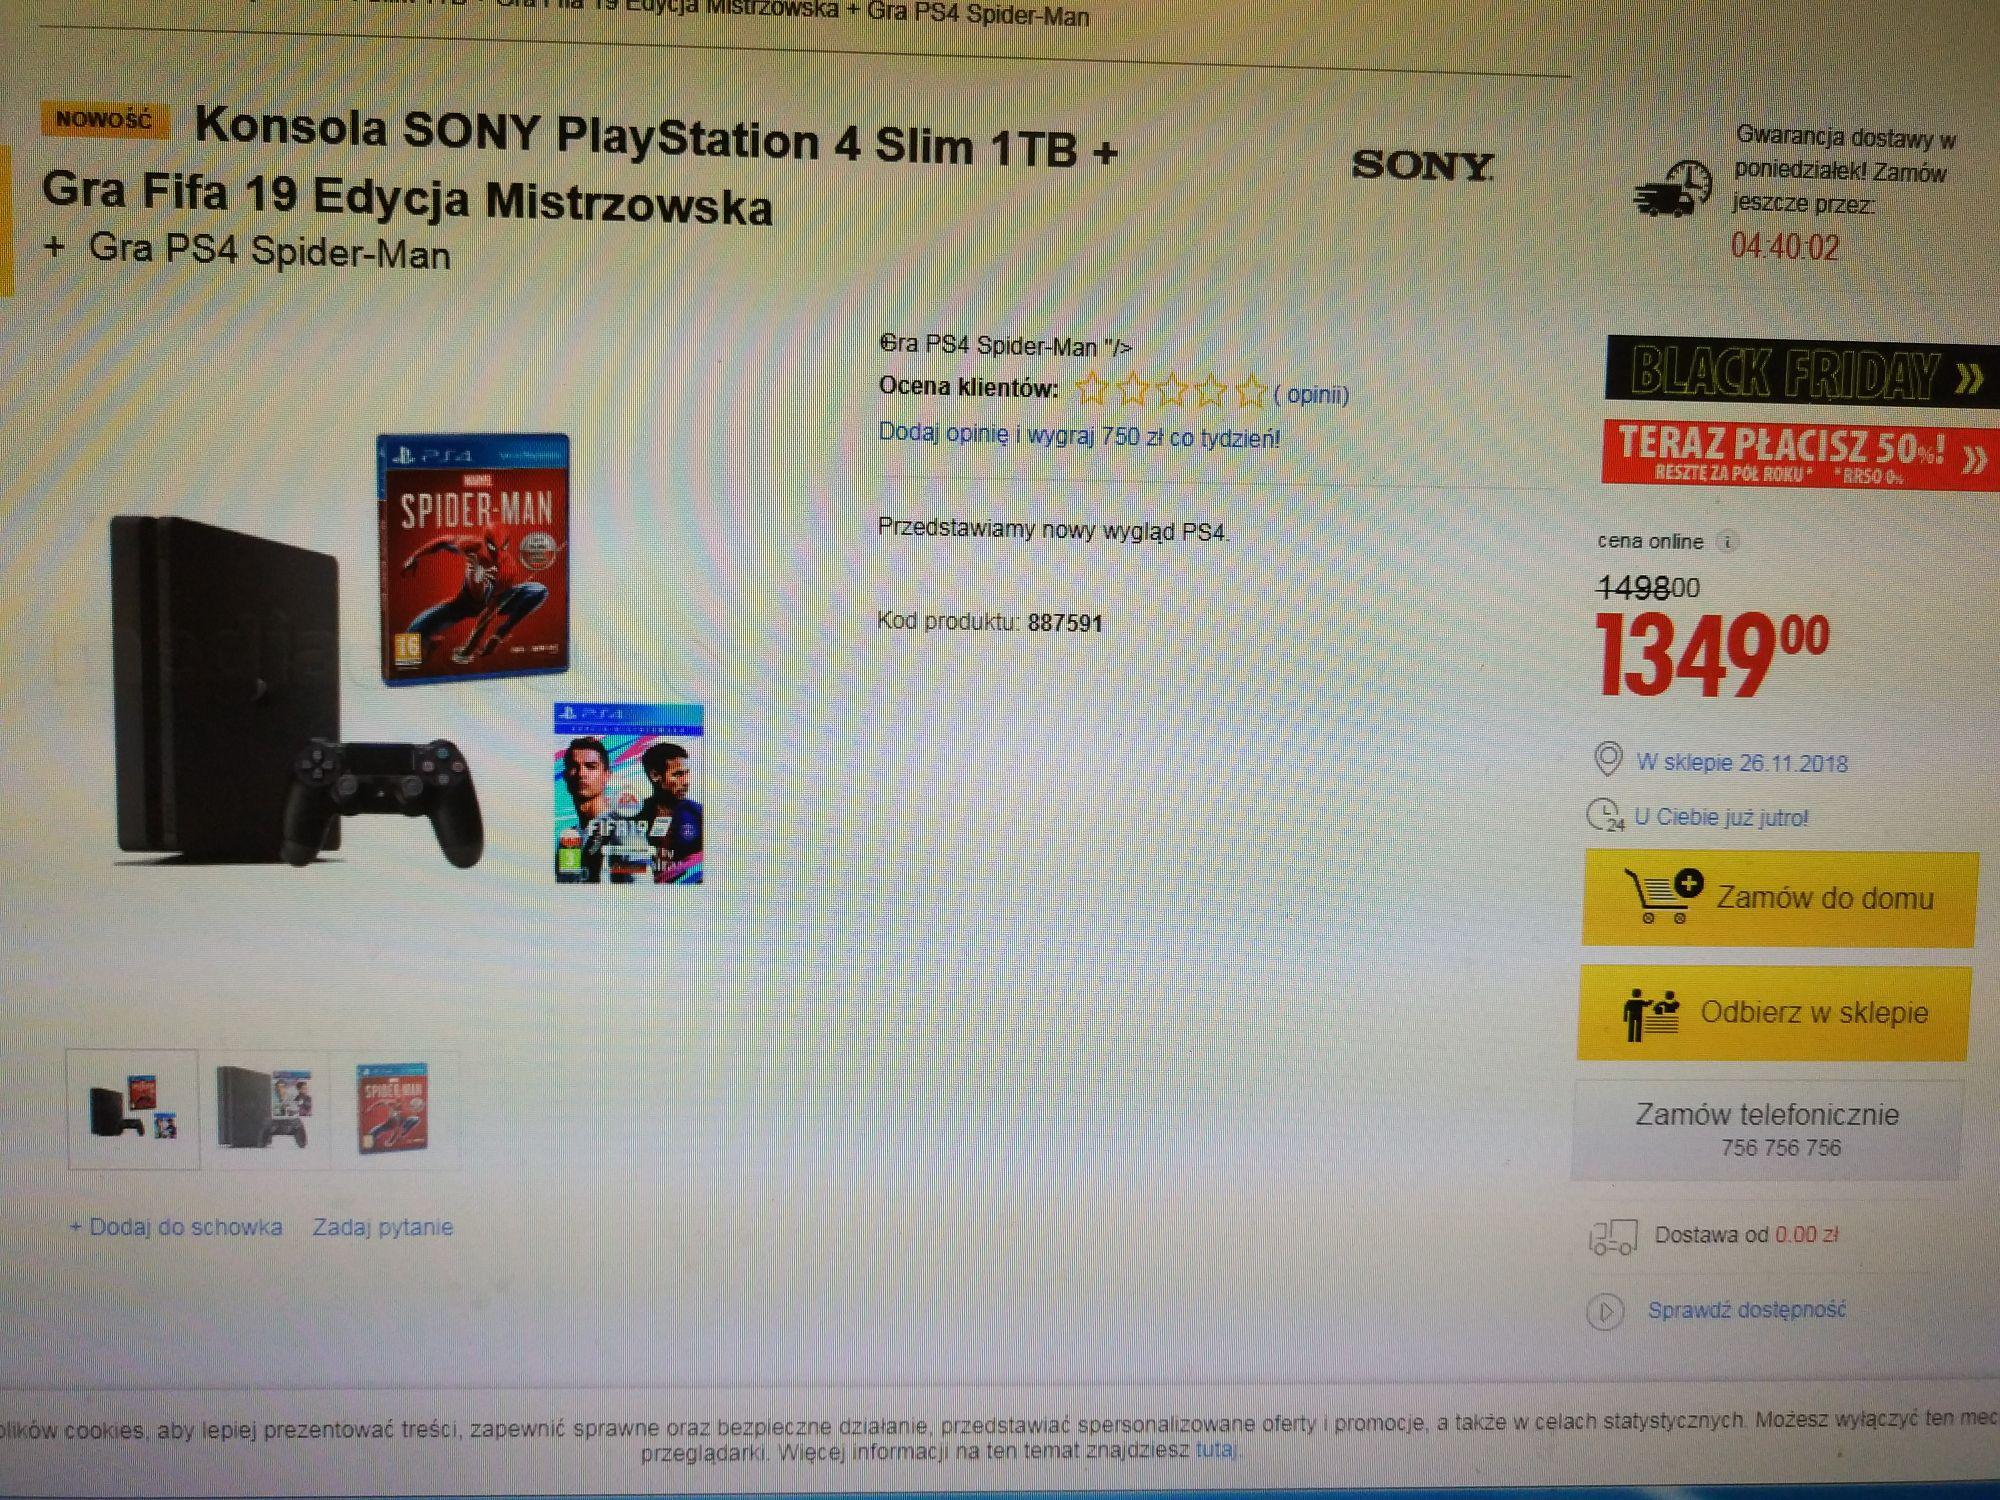 PS4 Slim 1 TB + Fifa 19 Mistrzowska Edycja + Spider Man